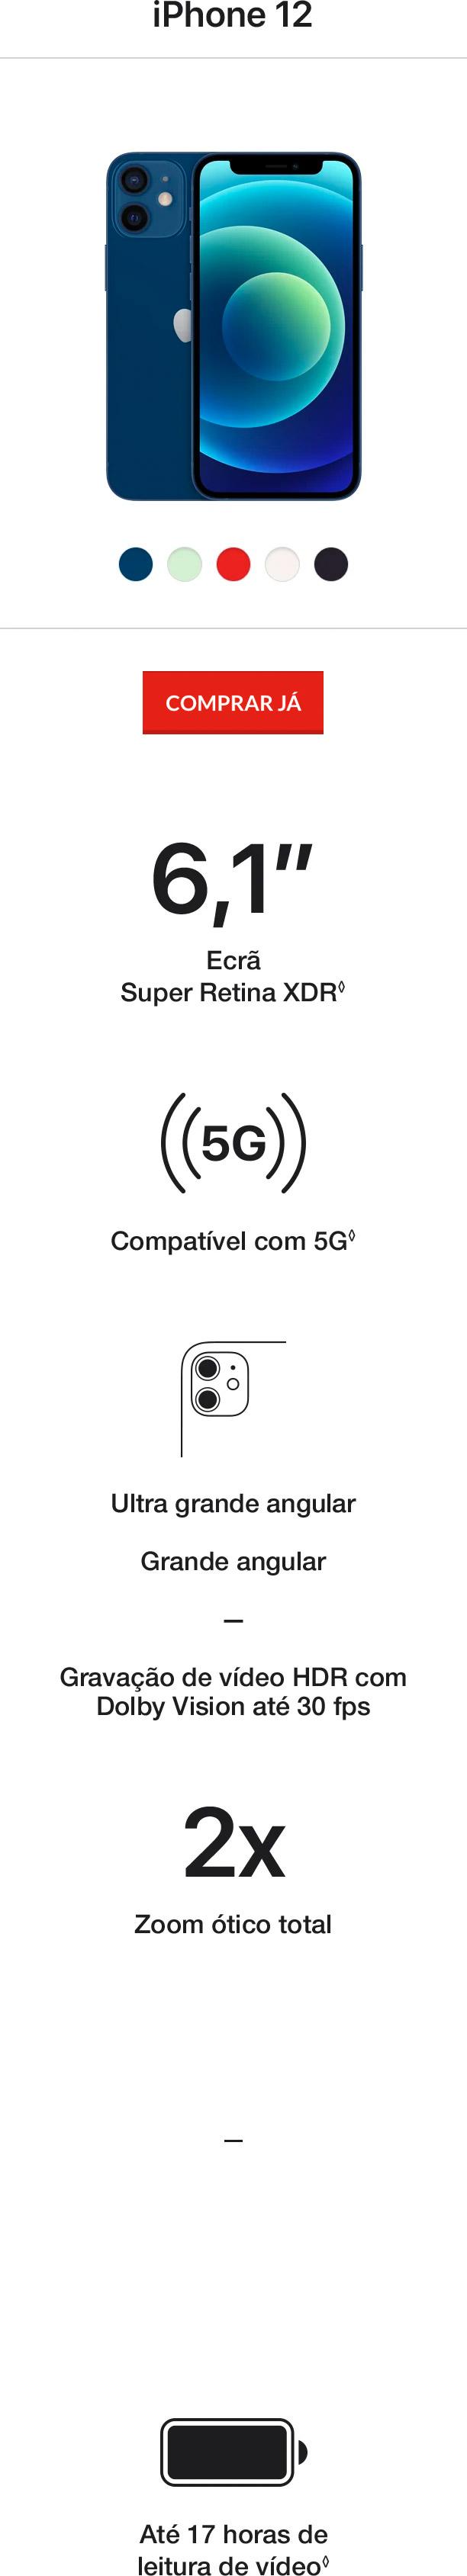 iPhone 12 Pro e iPhone 12 Encontra o iPhone ideal para ti